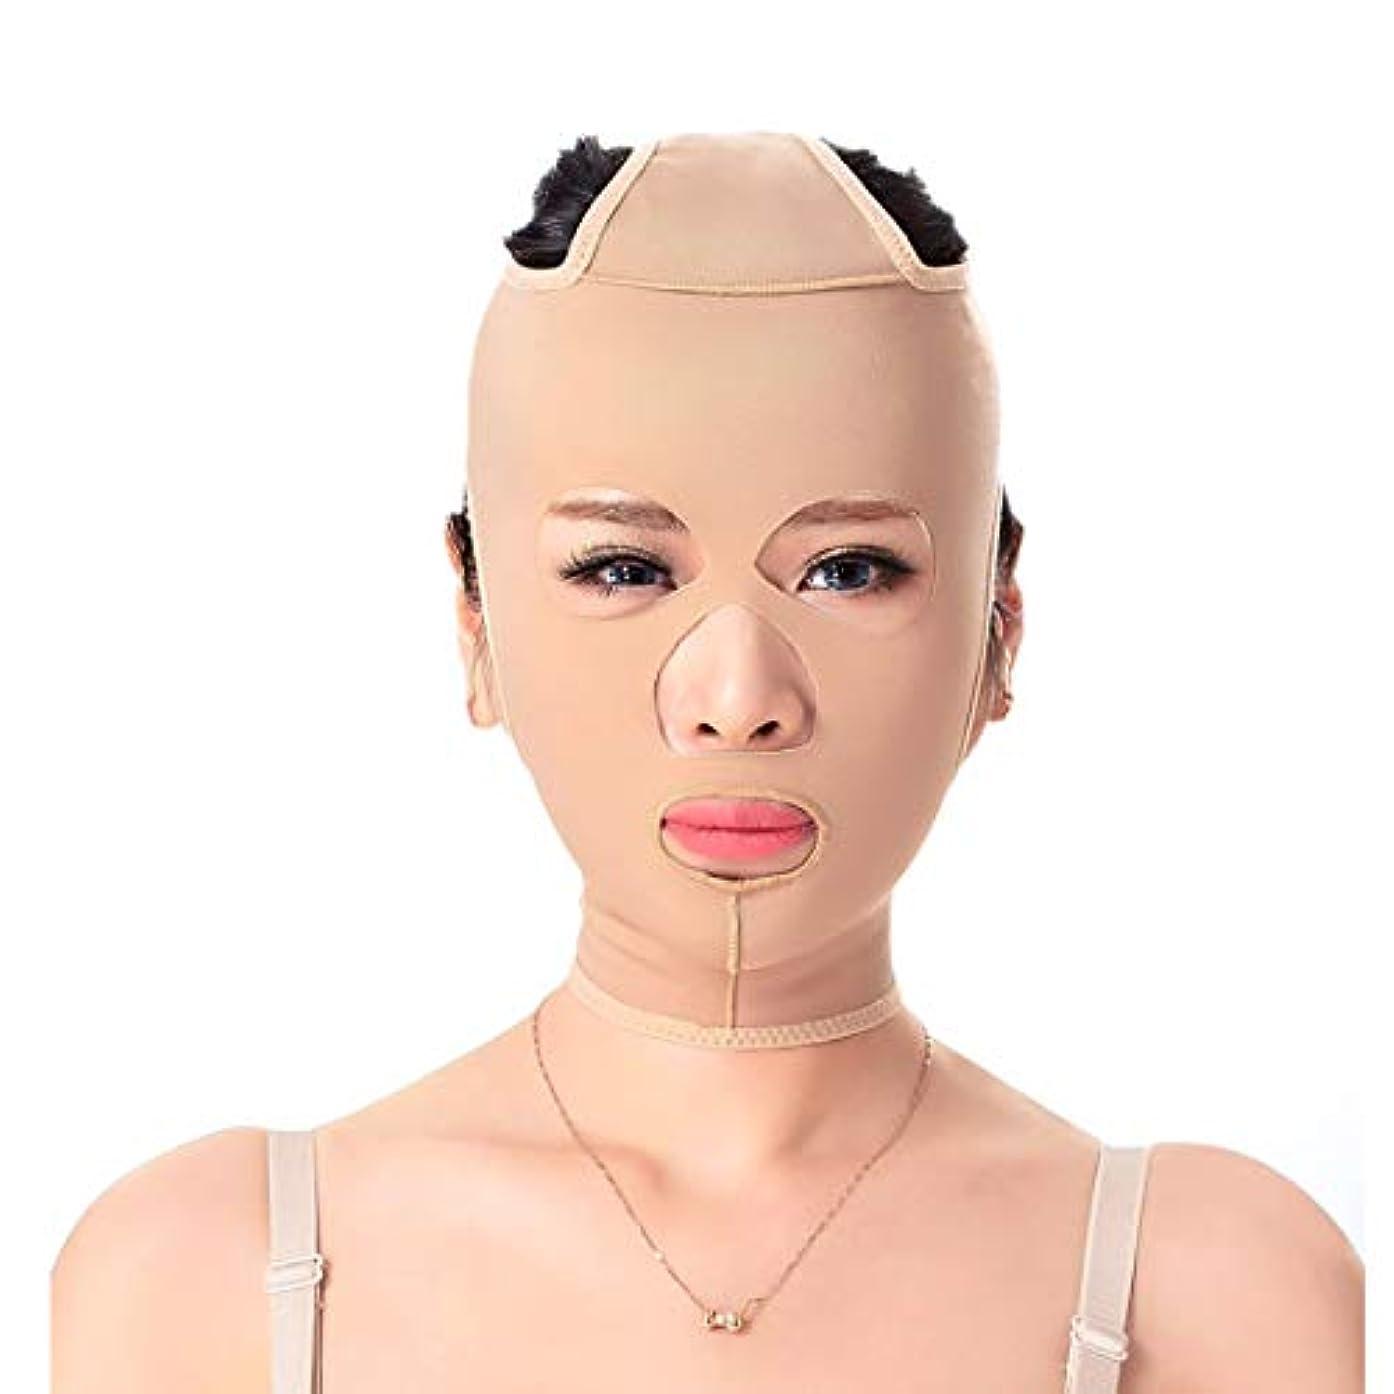 軽蔑スキル学部長GLJJQMY 減量ベルトマスクフェイスマスクマスクパターン強化二重あご引き締め顔面顔面強力なフェイスリフティング包帯 顔用整形マスク (Size : XXL)